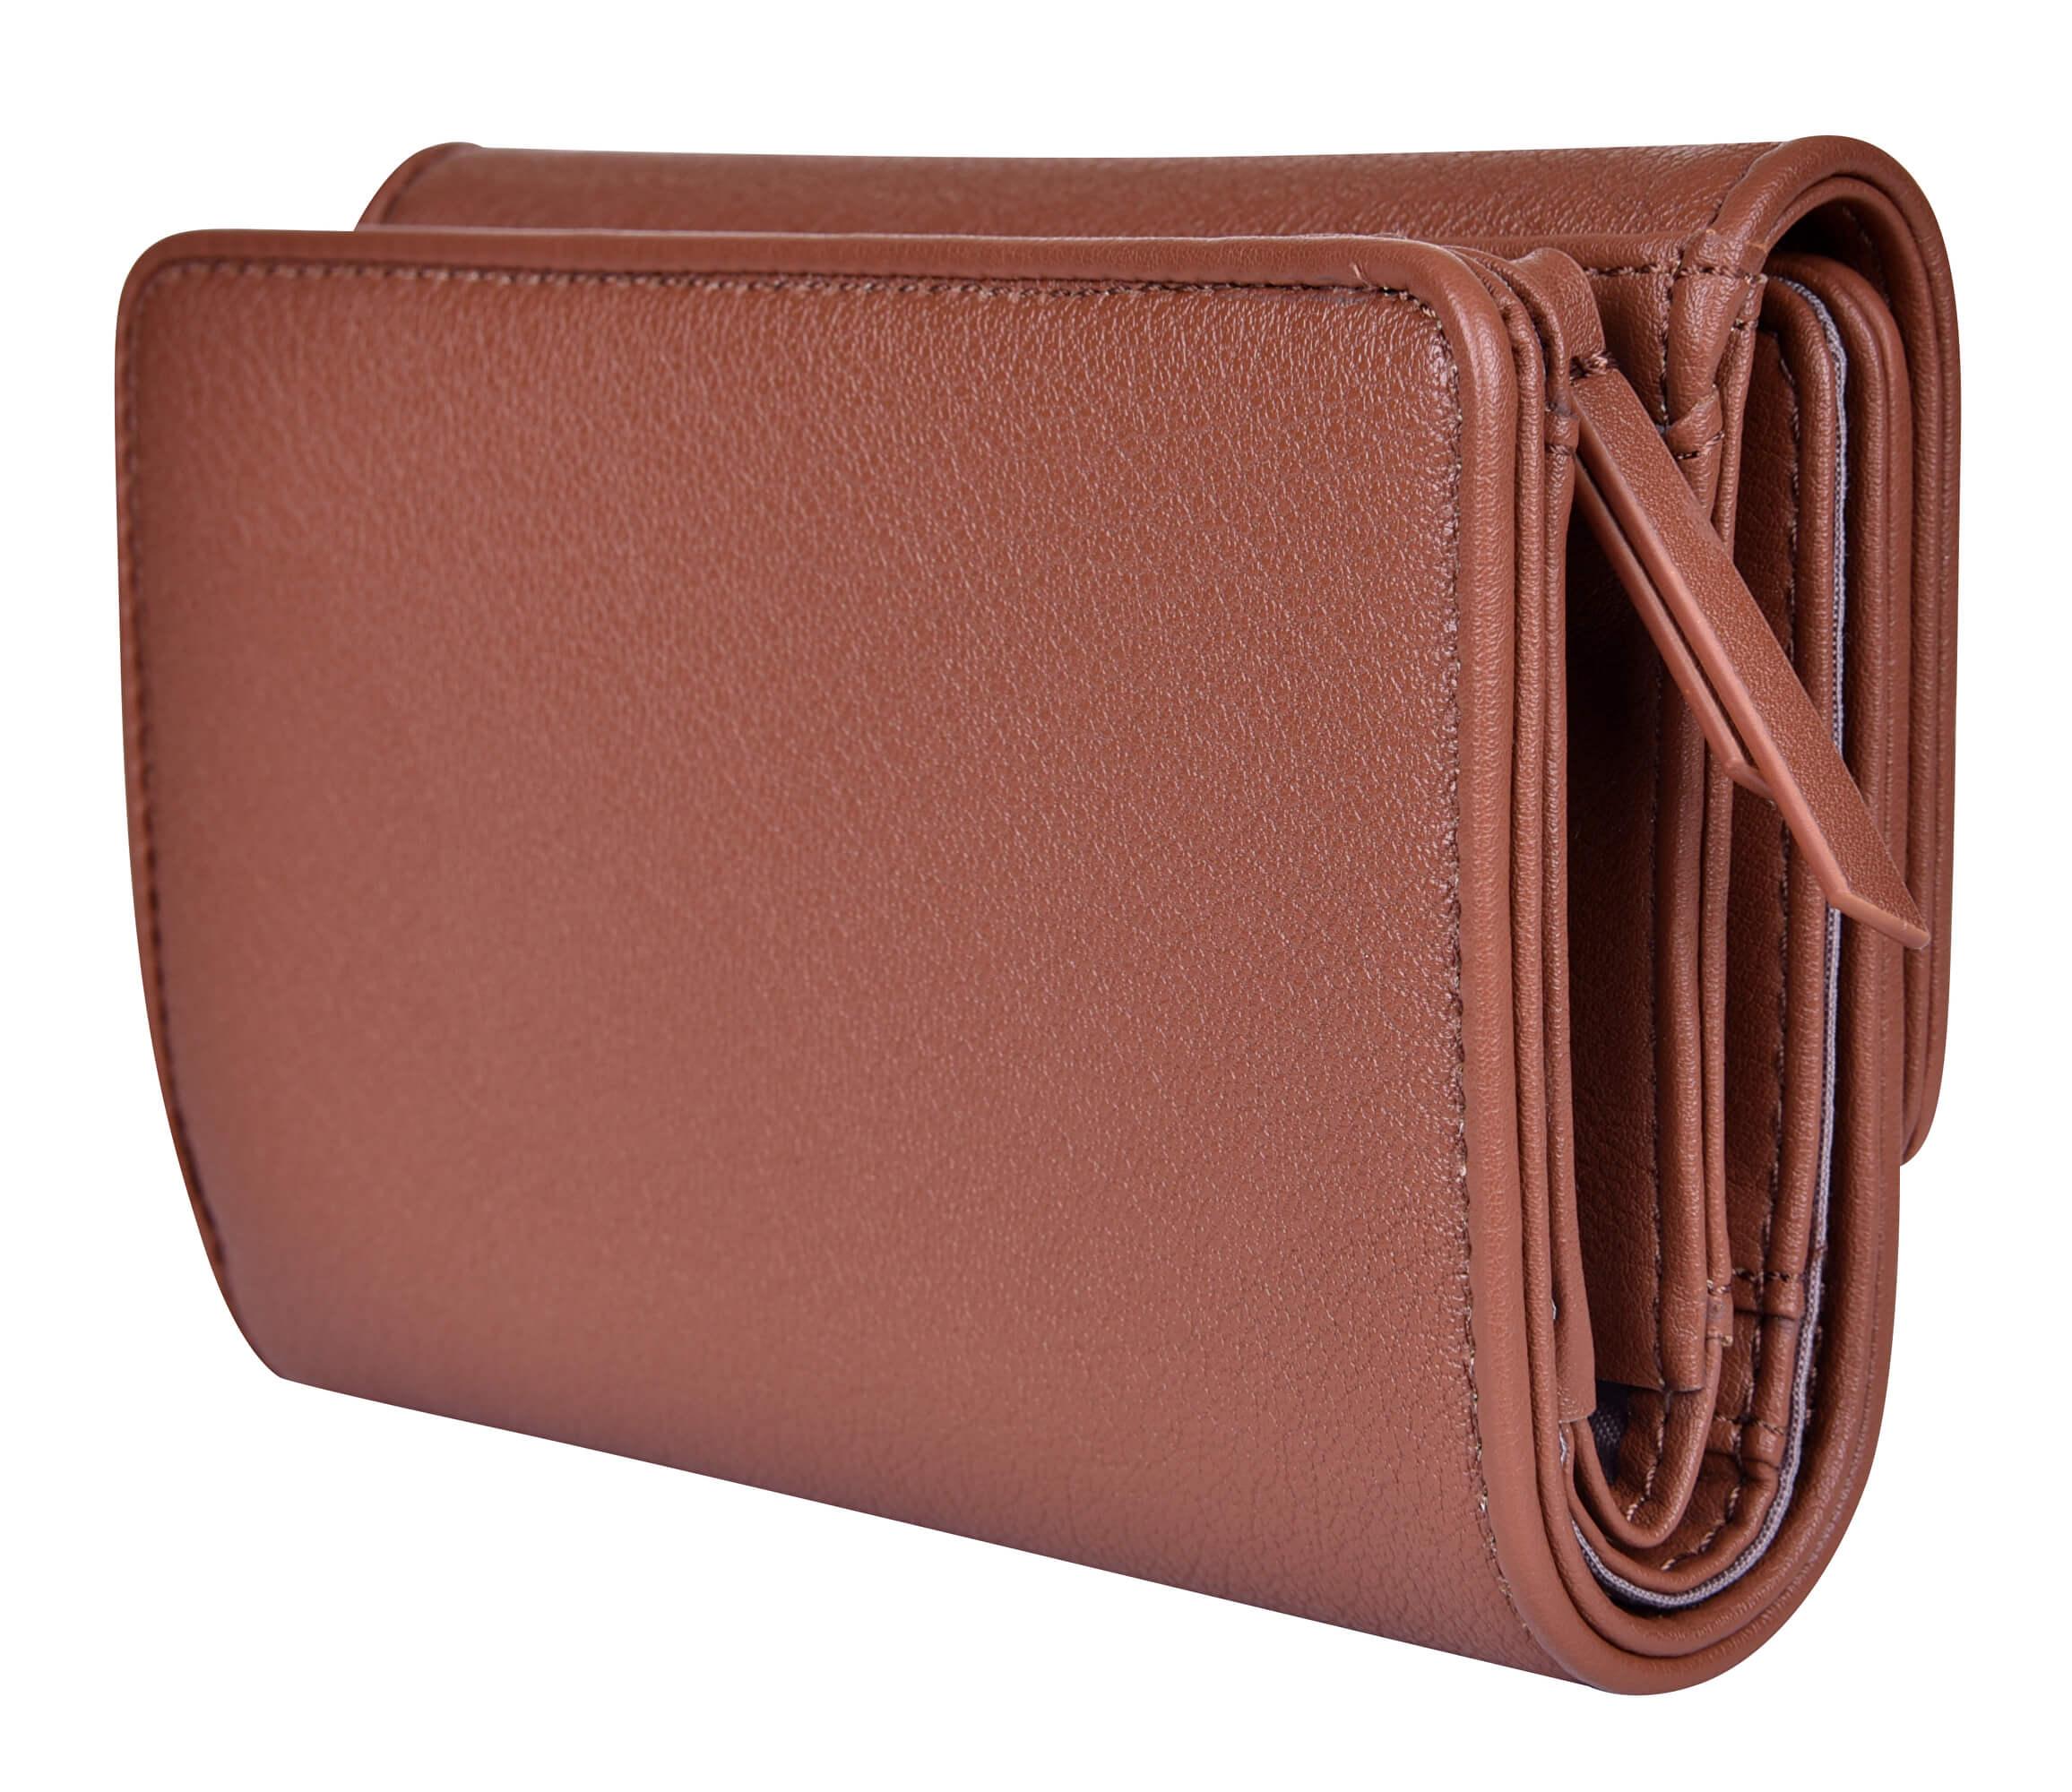 Calvin Klein Női pénztárca Flap francia Clutch - Brown Akcióban · A kép  csak illusztráció - a termék különböző színű. Előző  Következő   e4d8ad43fc